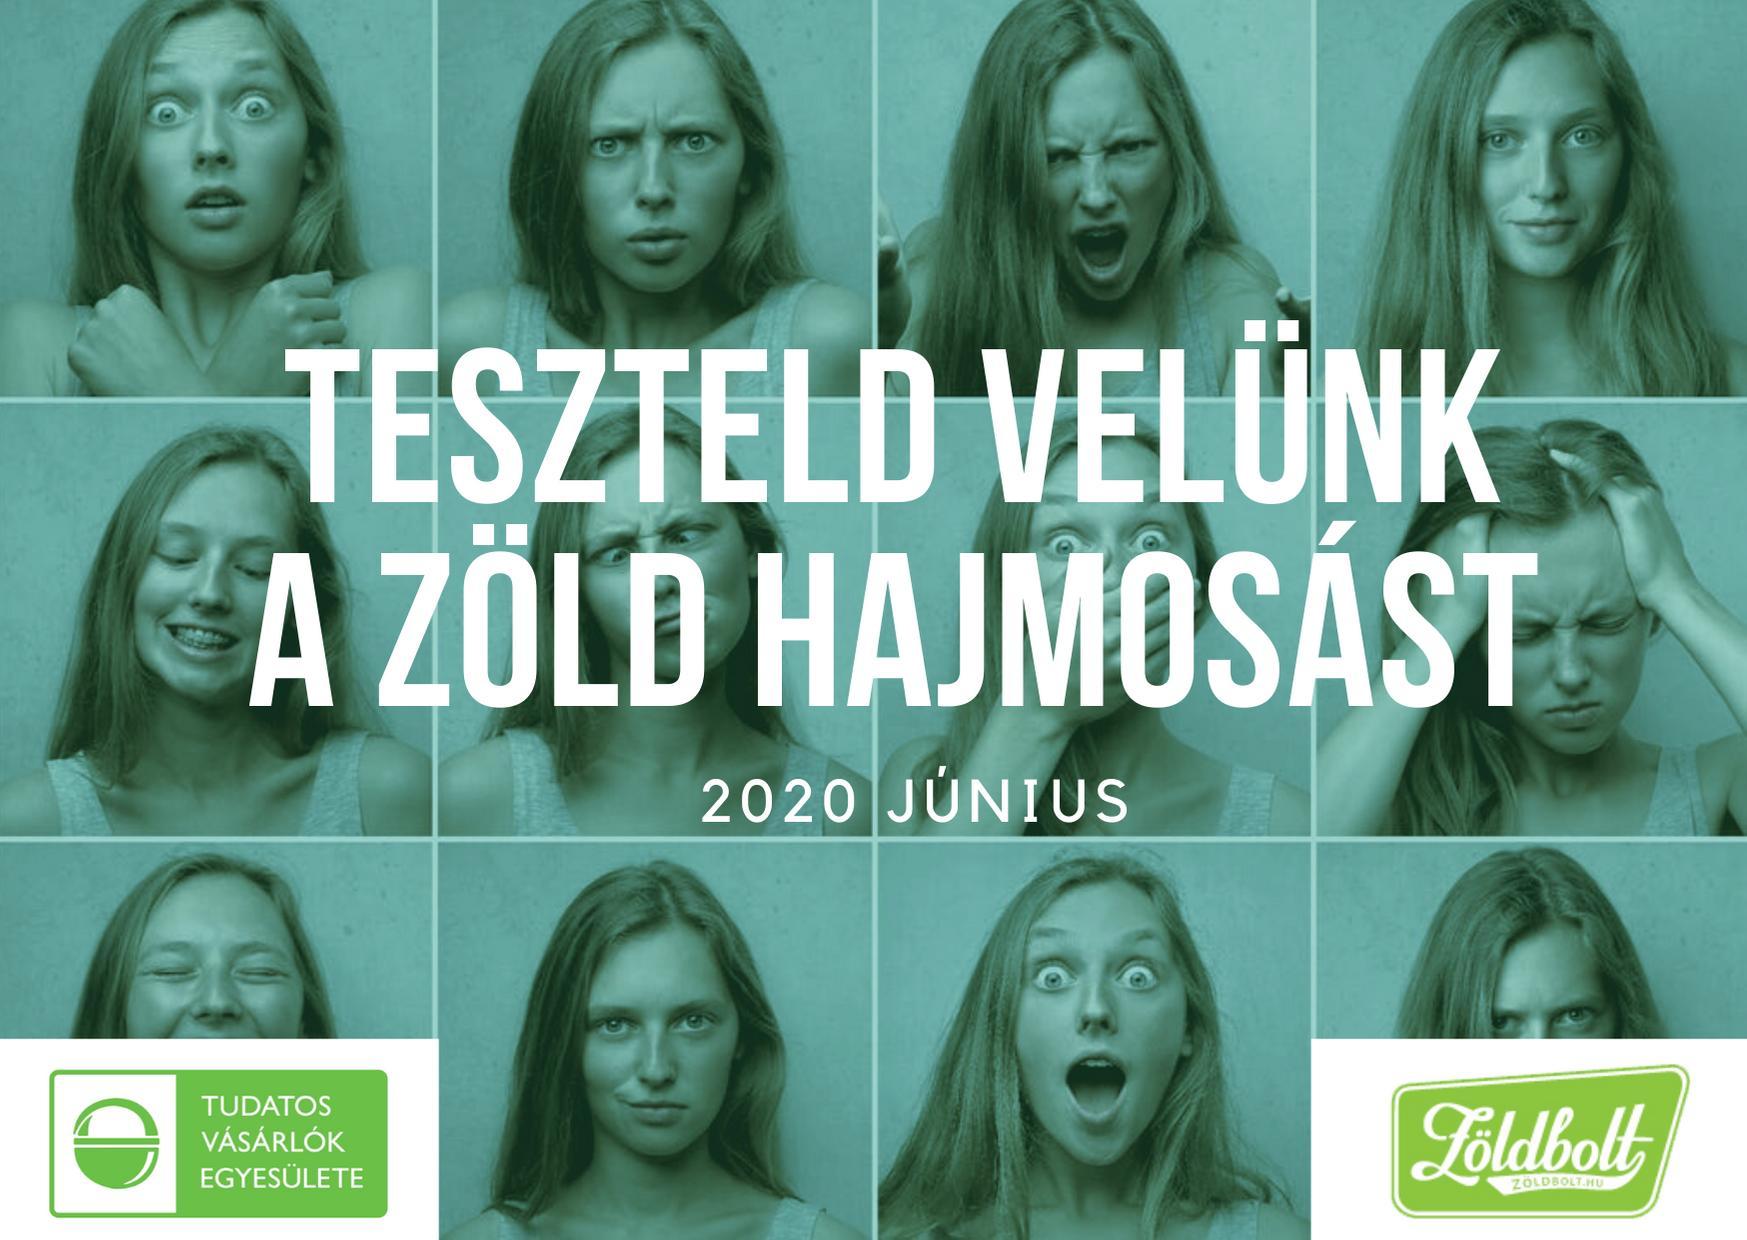 Öko-hajmosás kihívás 2020 június